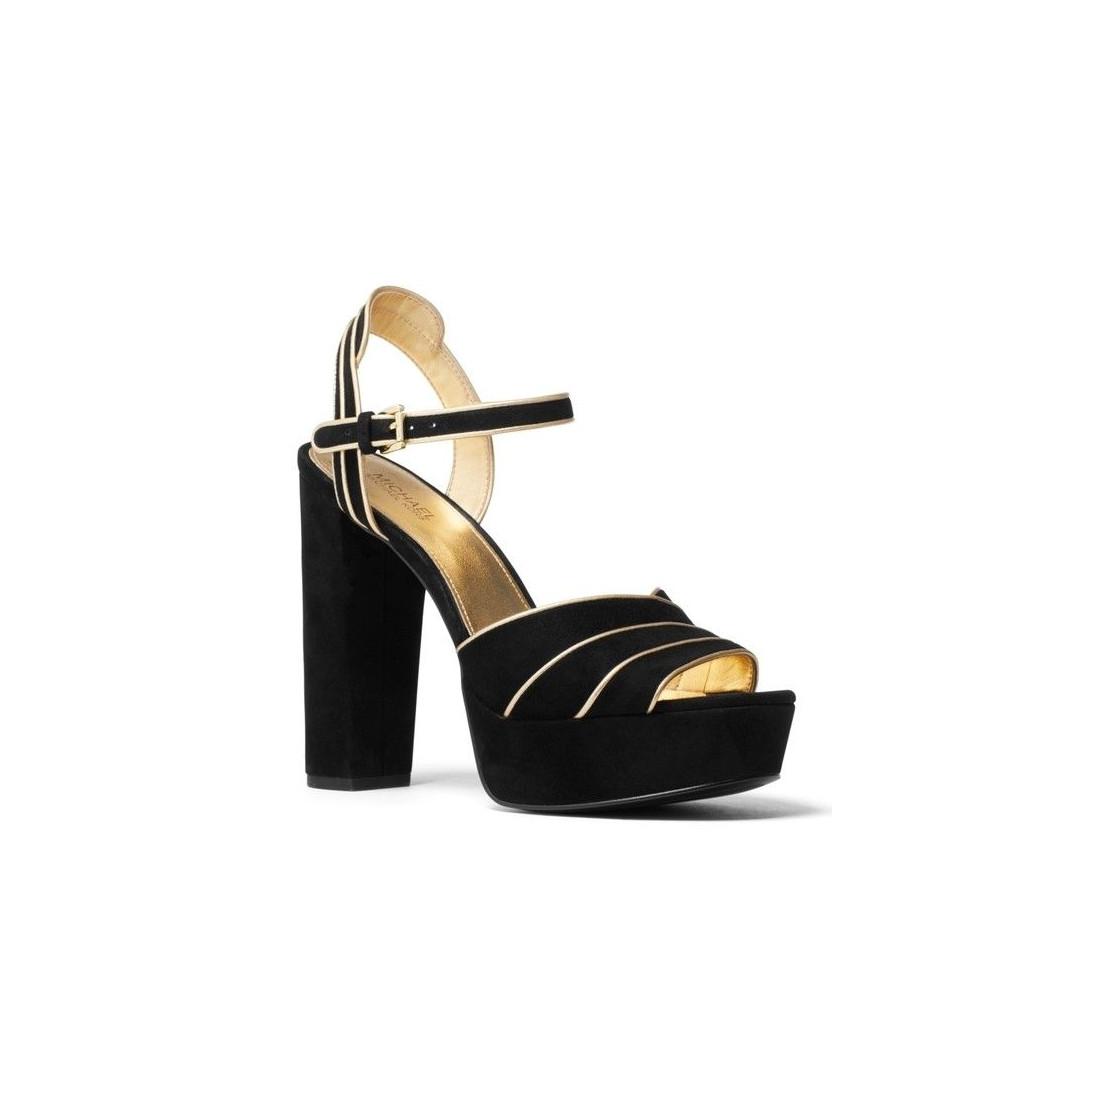 sandals woman michael kors 40r9hphs6s001 4263